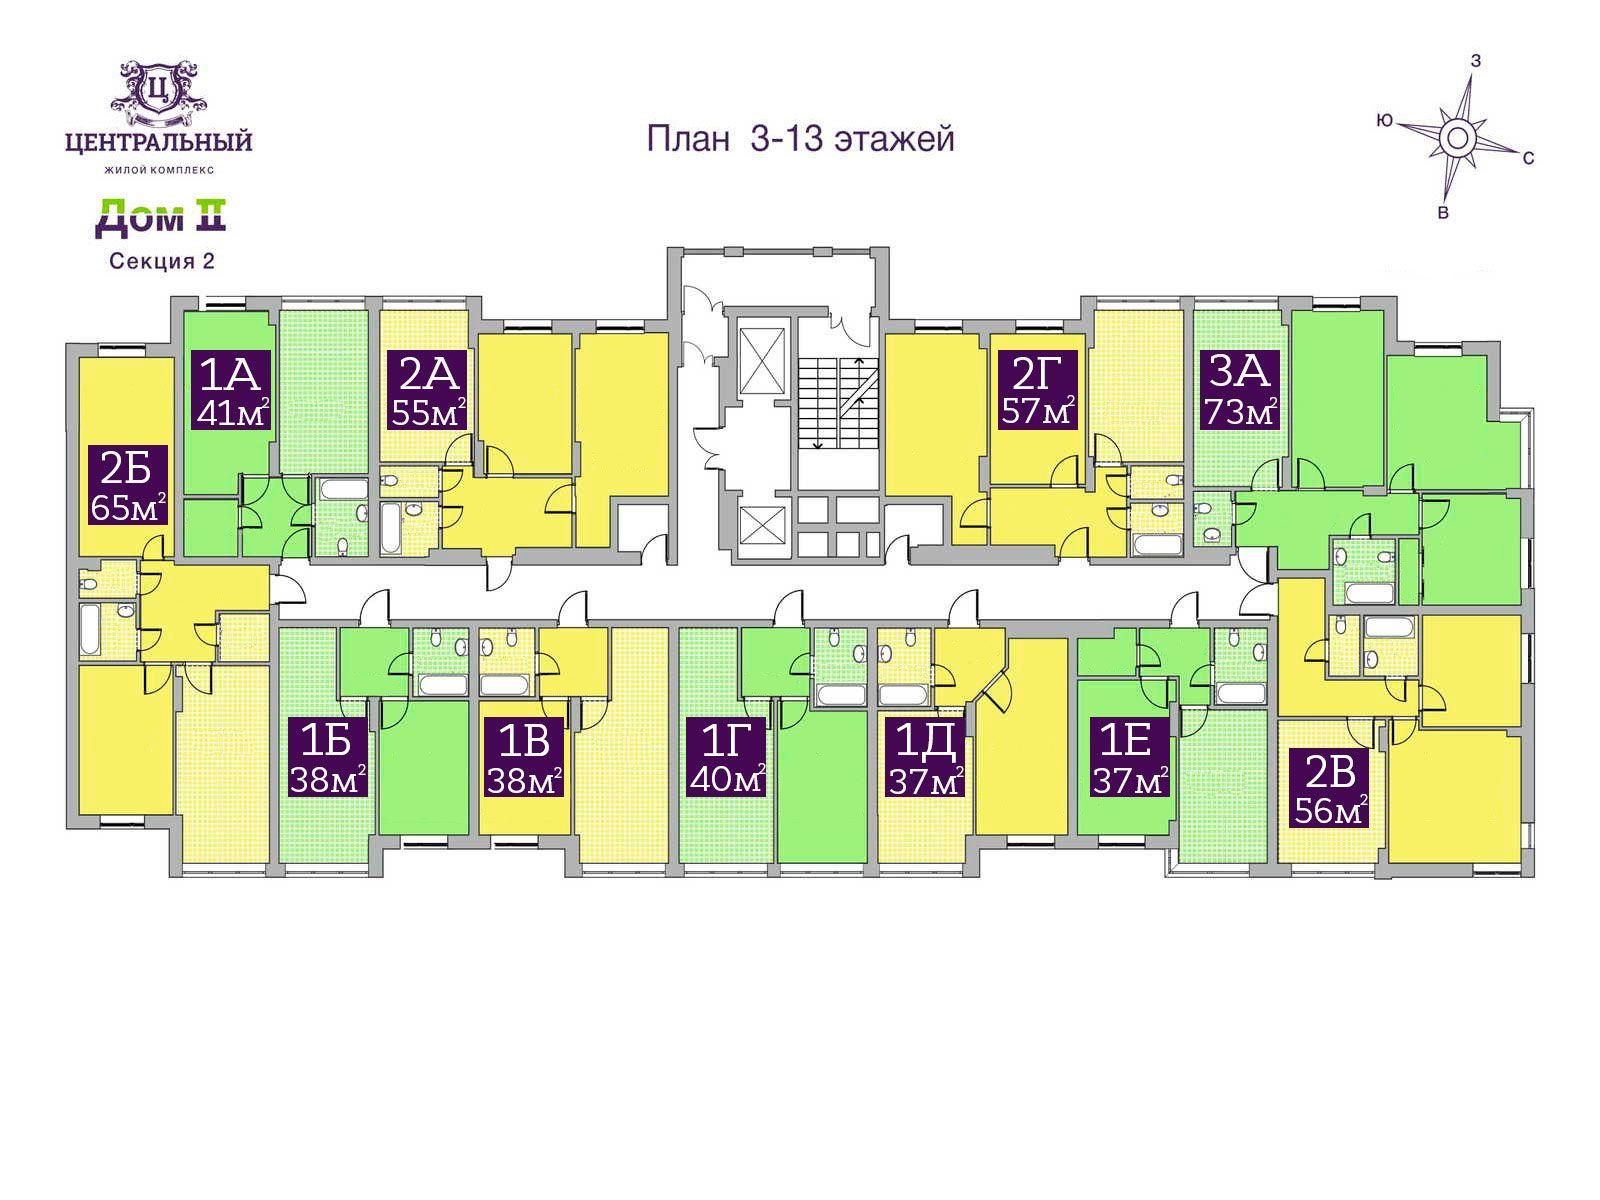 Дом 2. Секция 2. 3-13 этаж